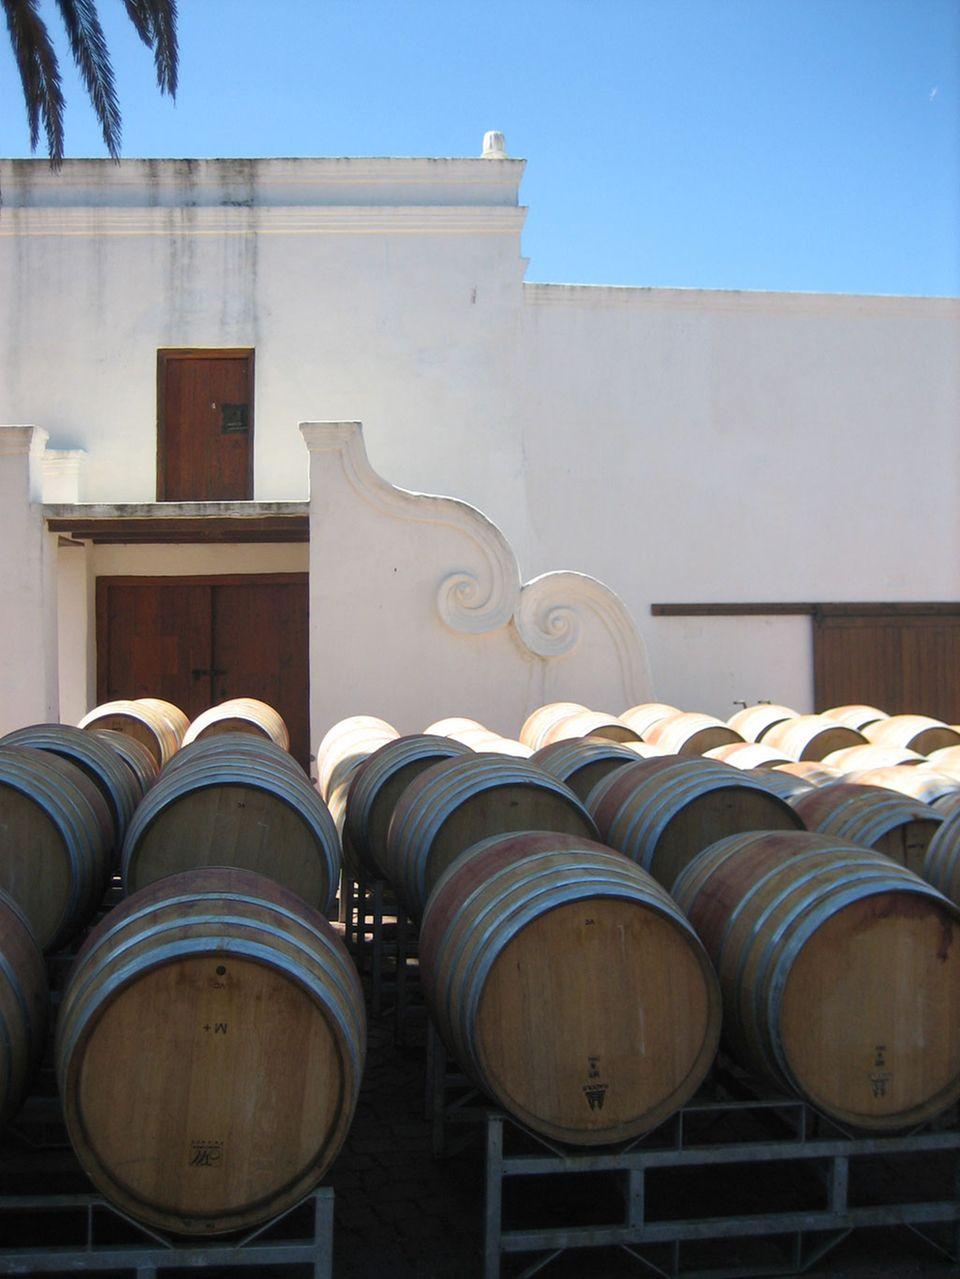 In Holzfässern ruht der köstliche Wein südafrikanischer Weingüter.